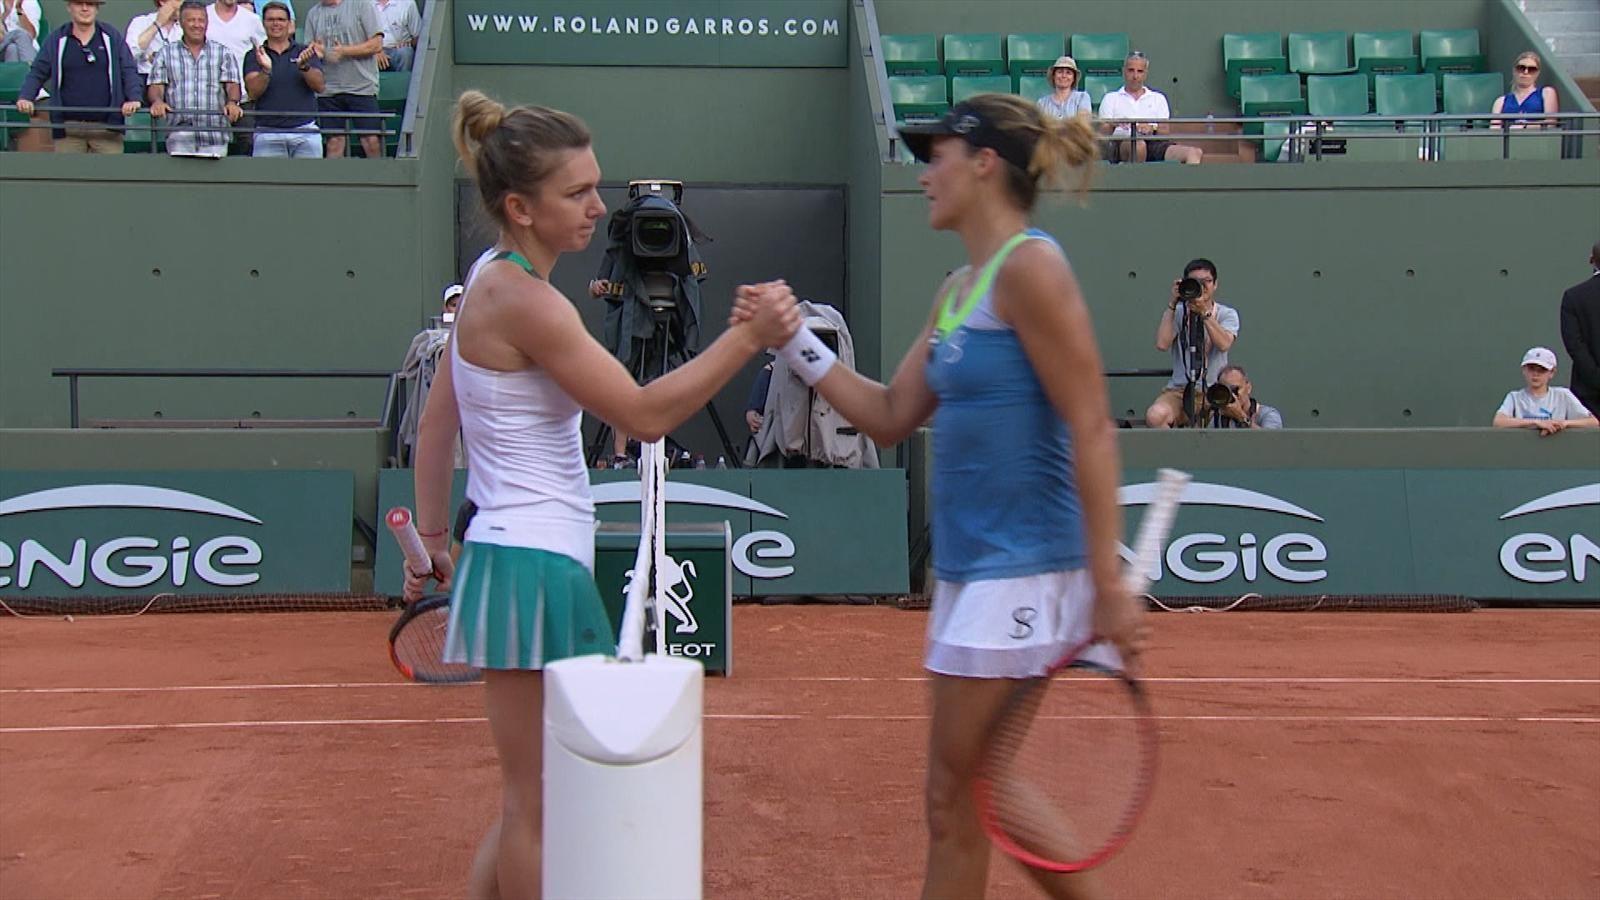 Касаткина поздравила Халеп с победой в финале Roland Garros